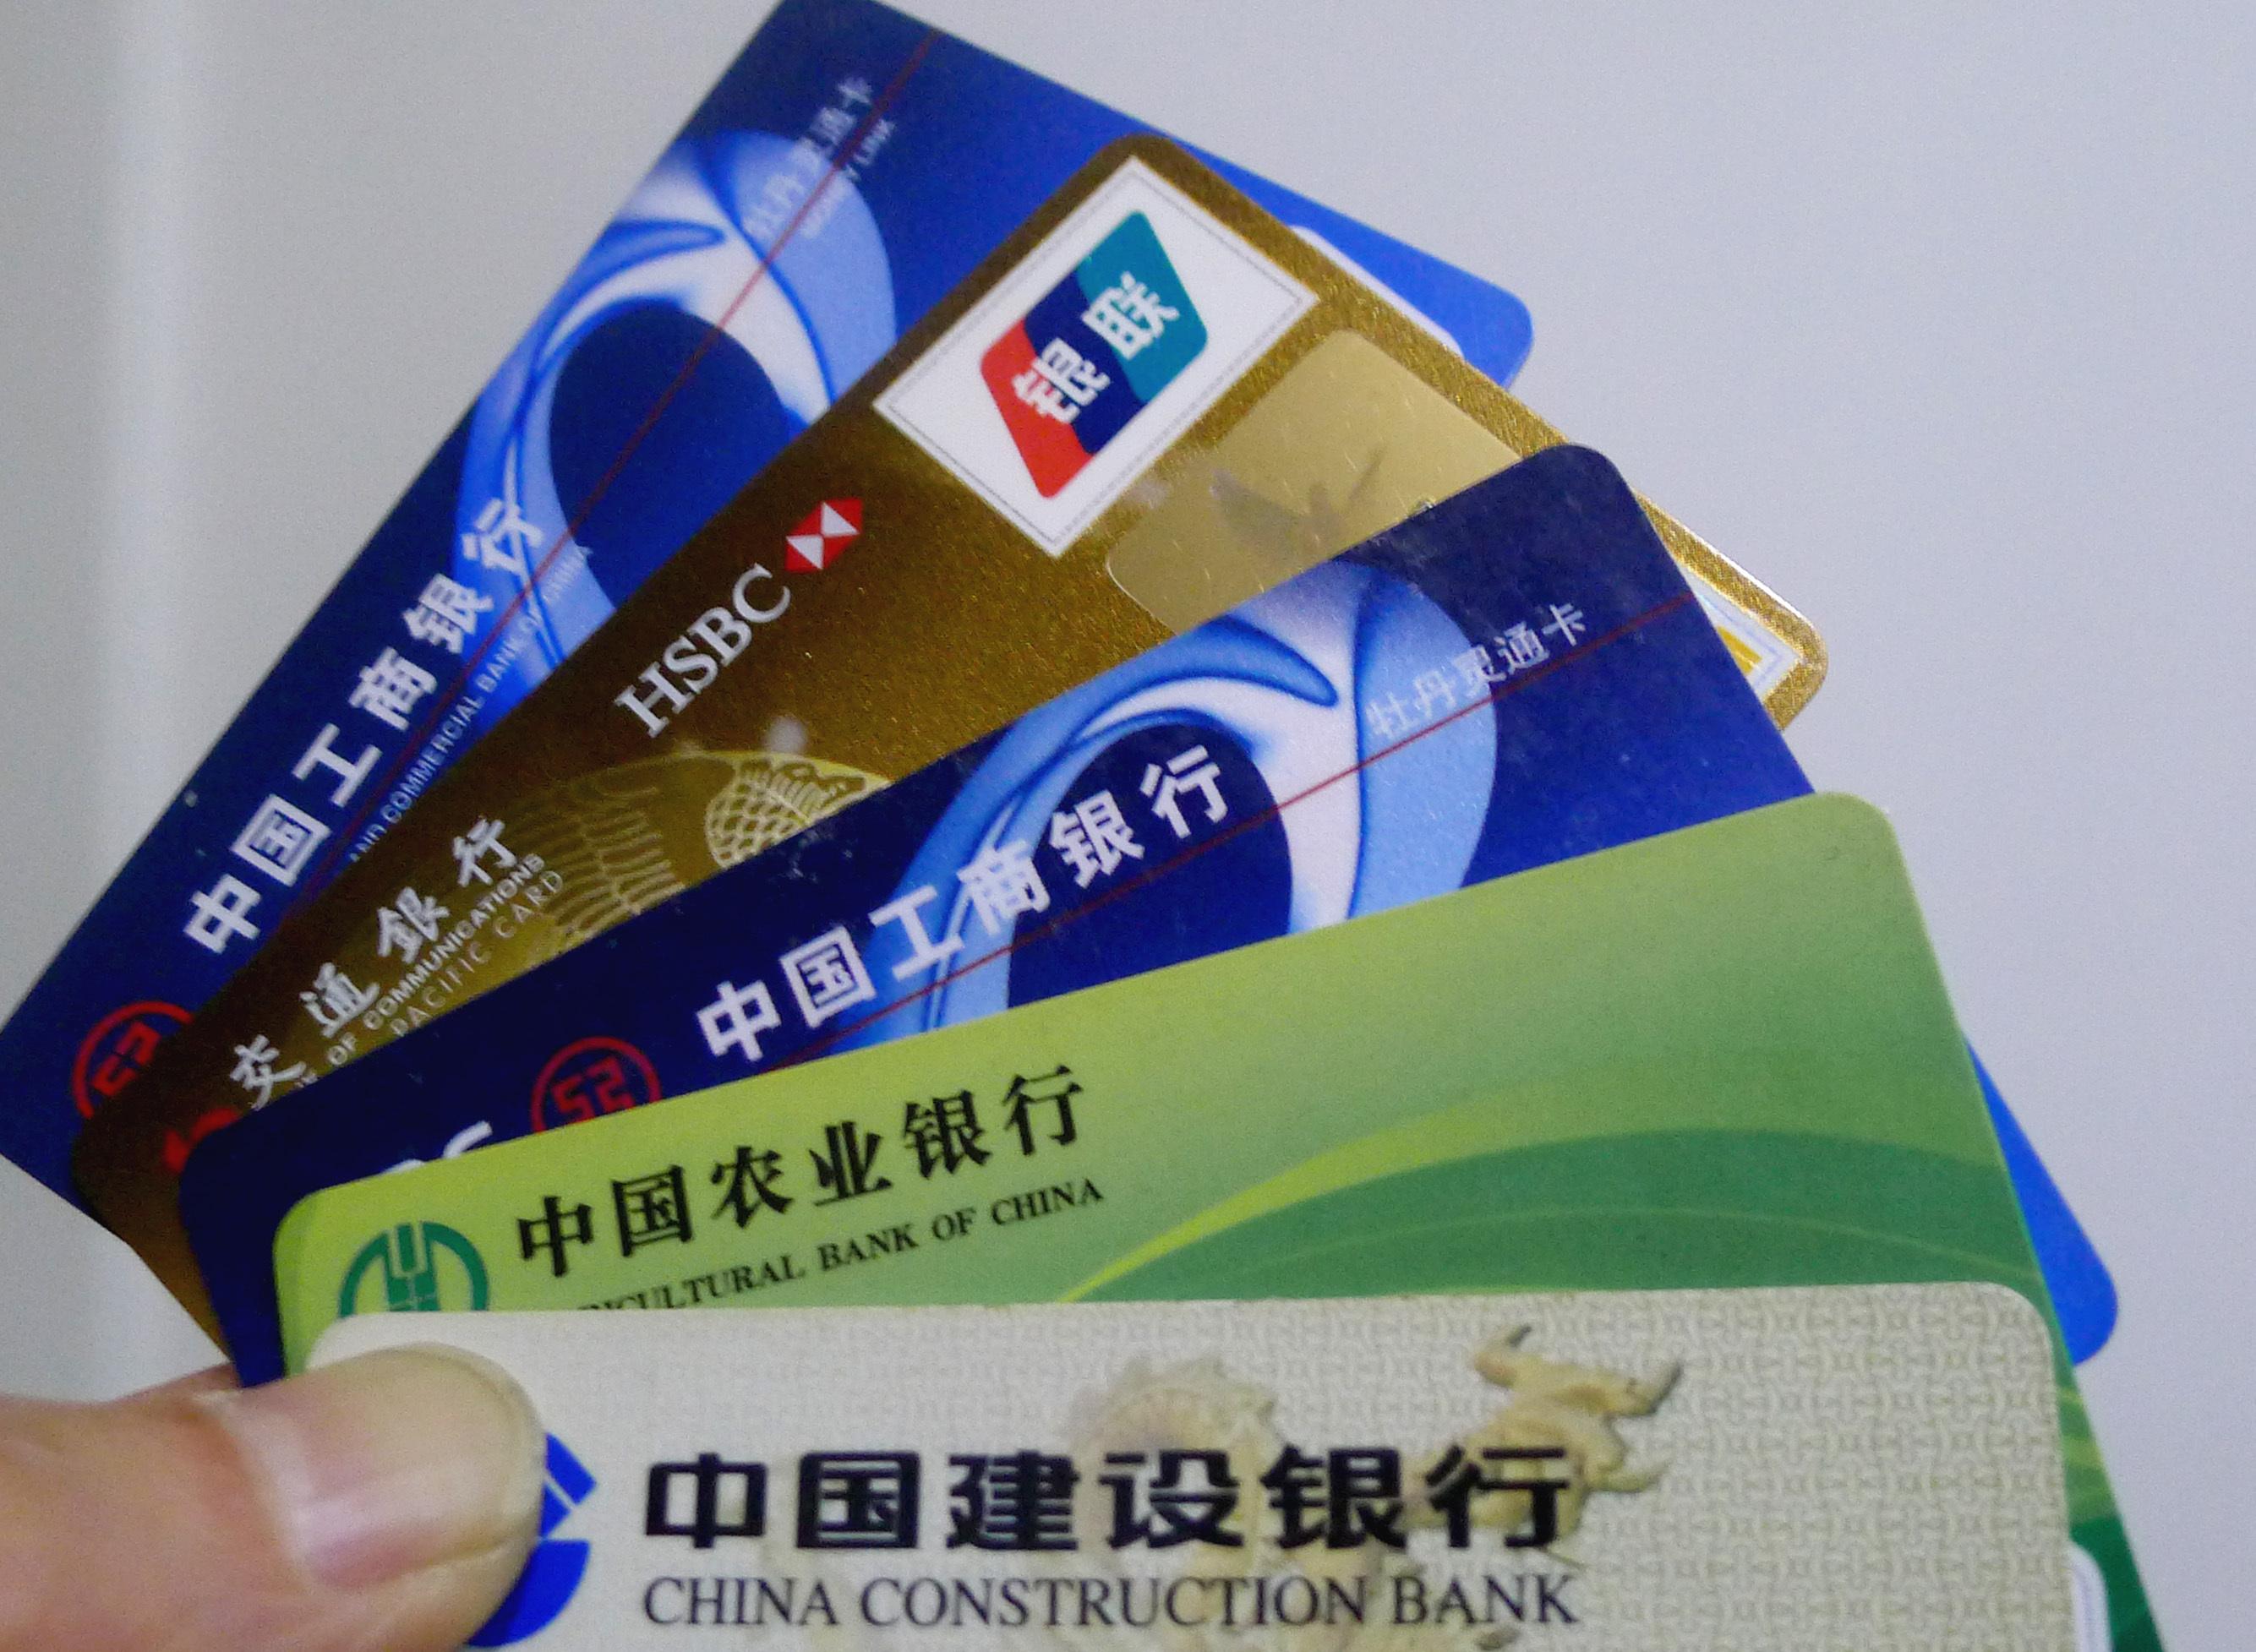 荐卡:虽然小众,但是非常值得办的一张信用卡!